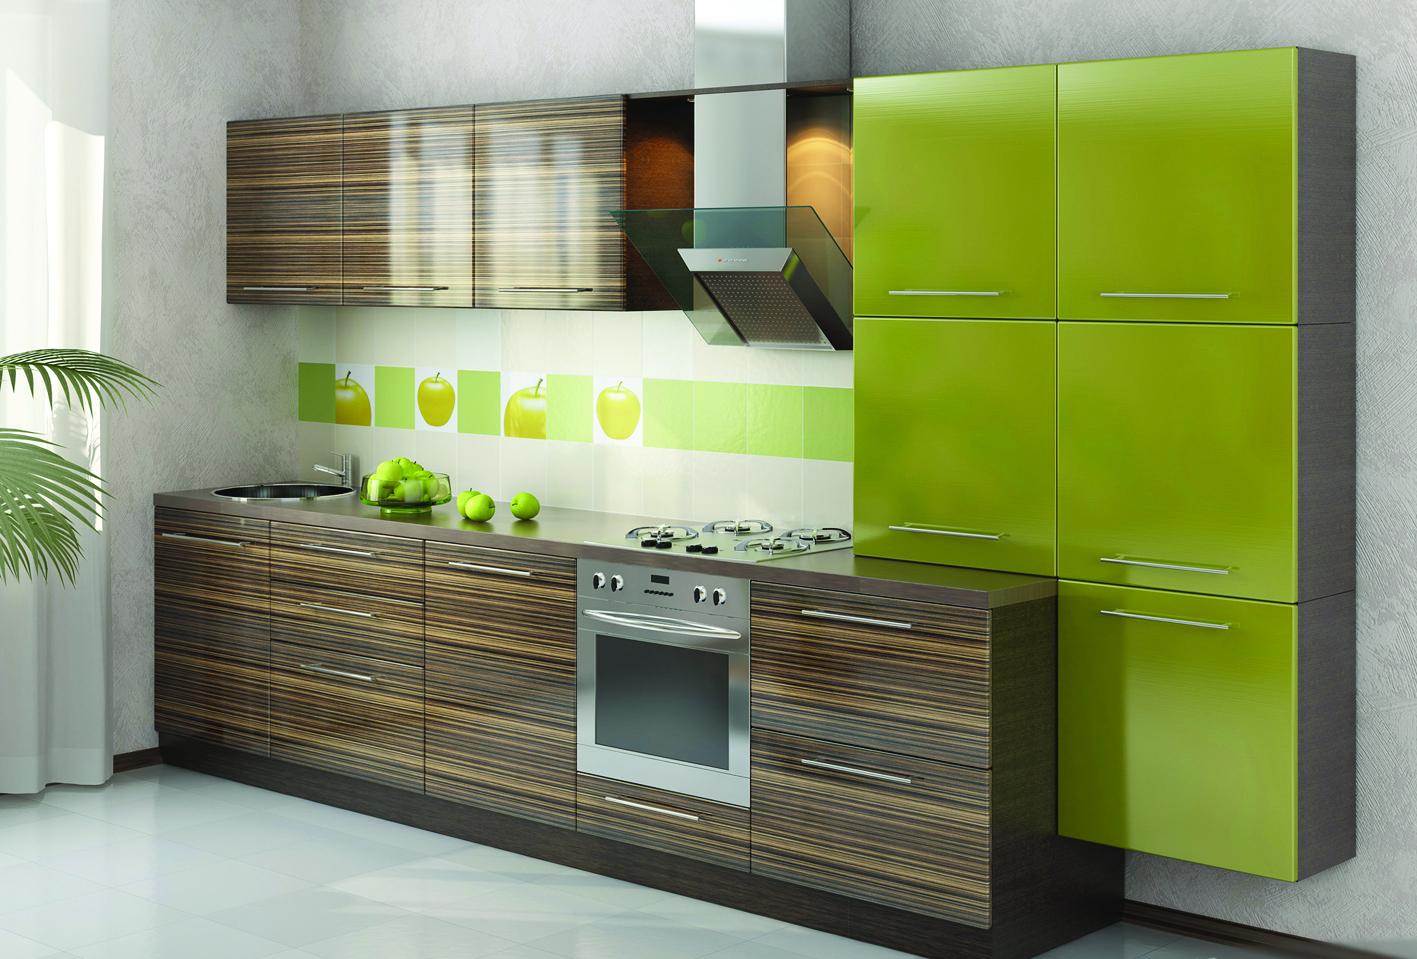 Разноцветный фартук в цвет кухонного гарнитура